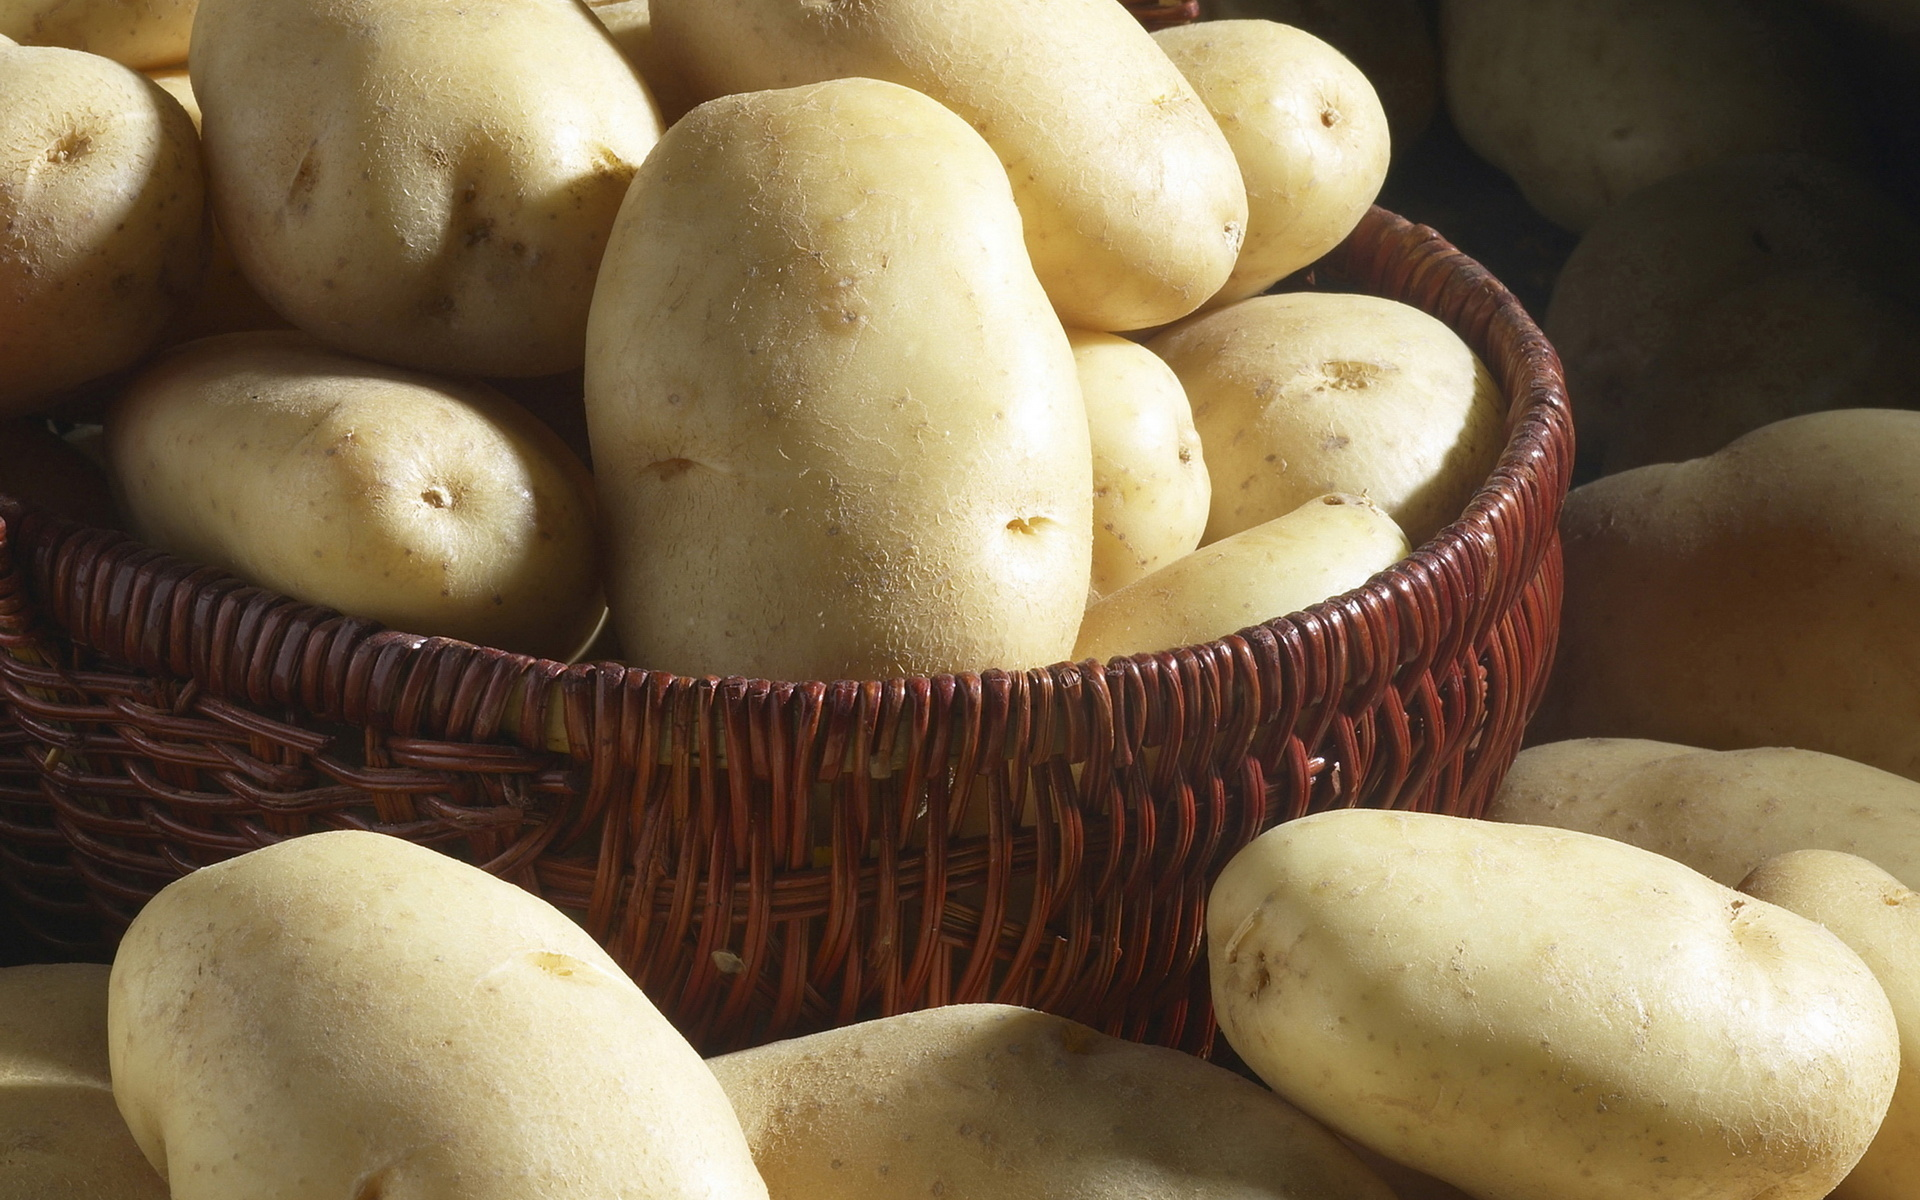 potatoes food desktop wallpaper pictures 63193